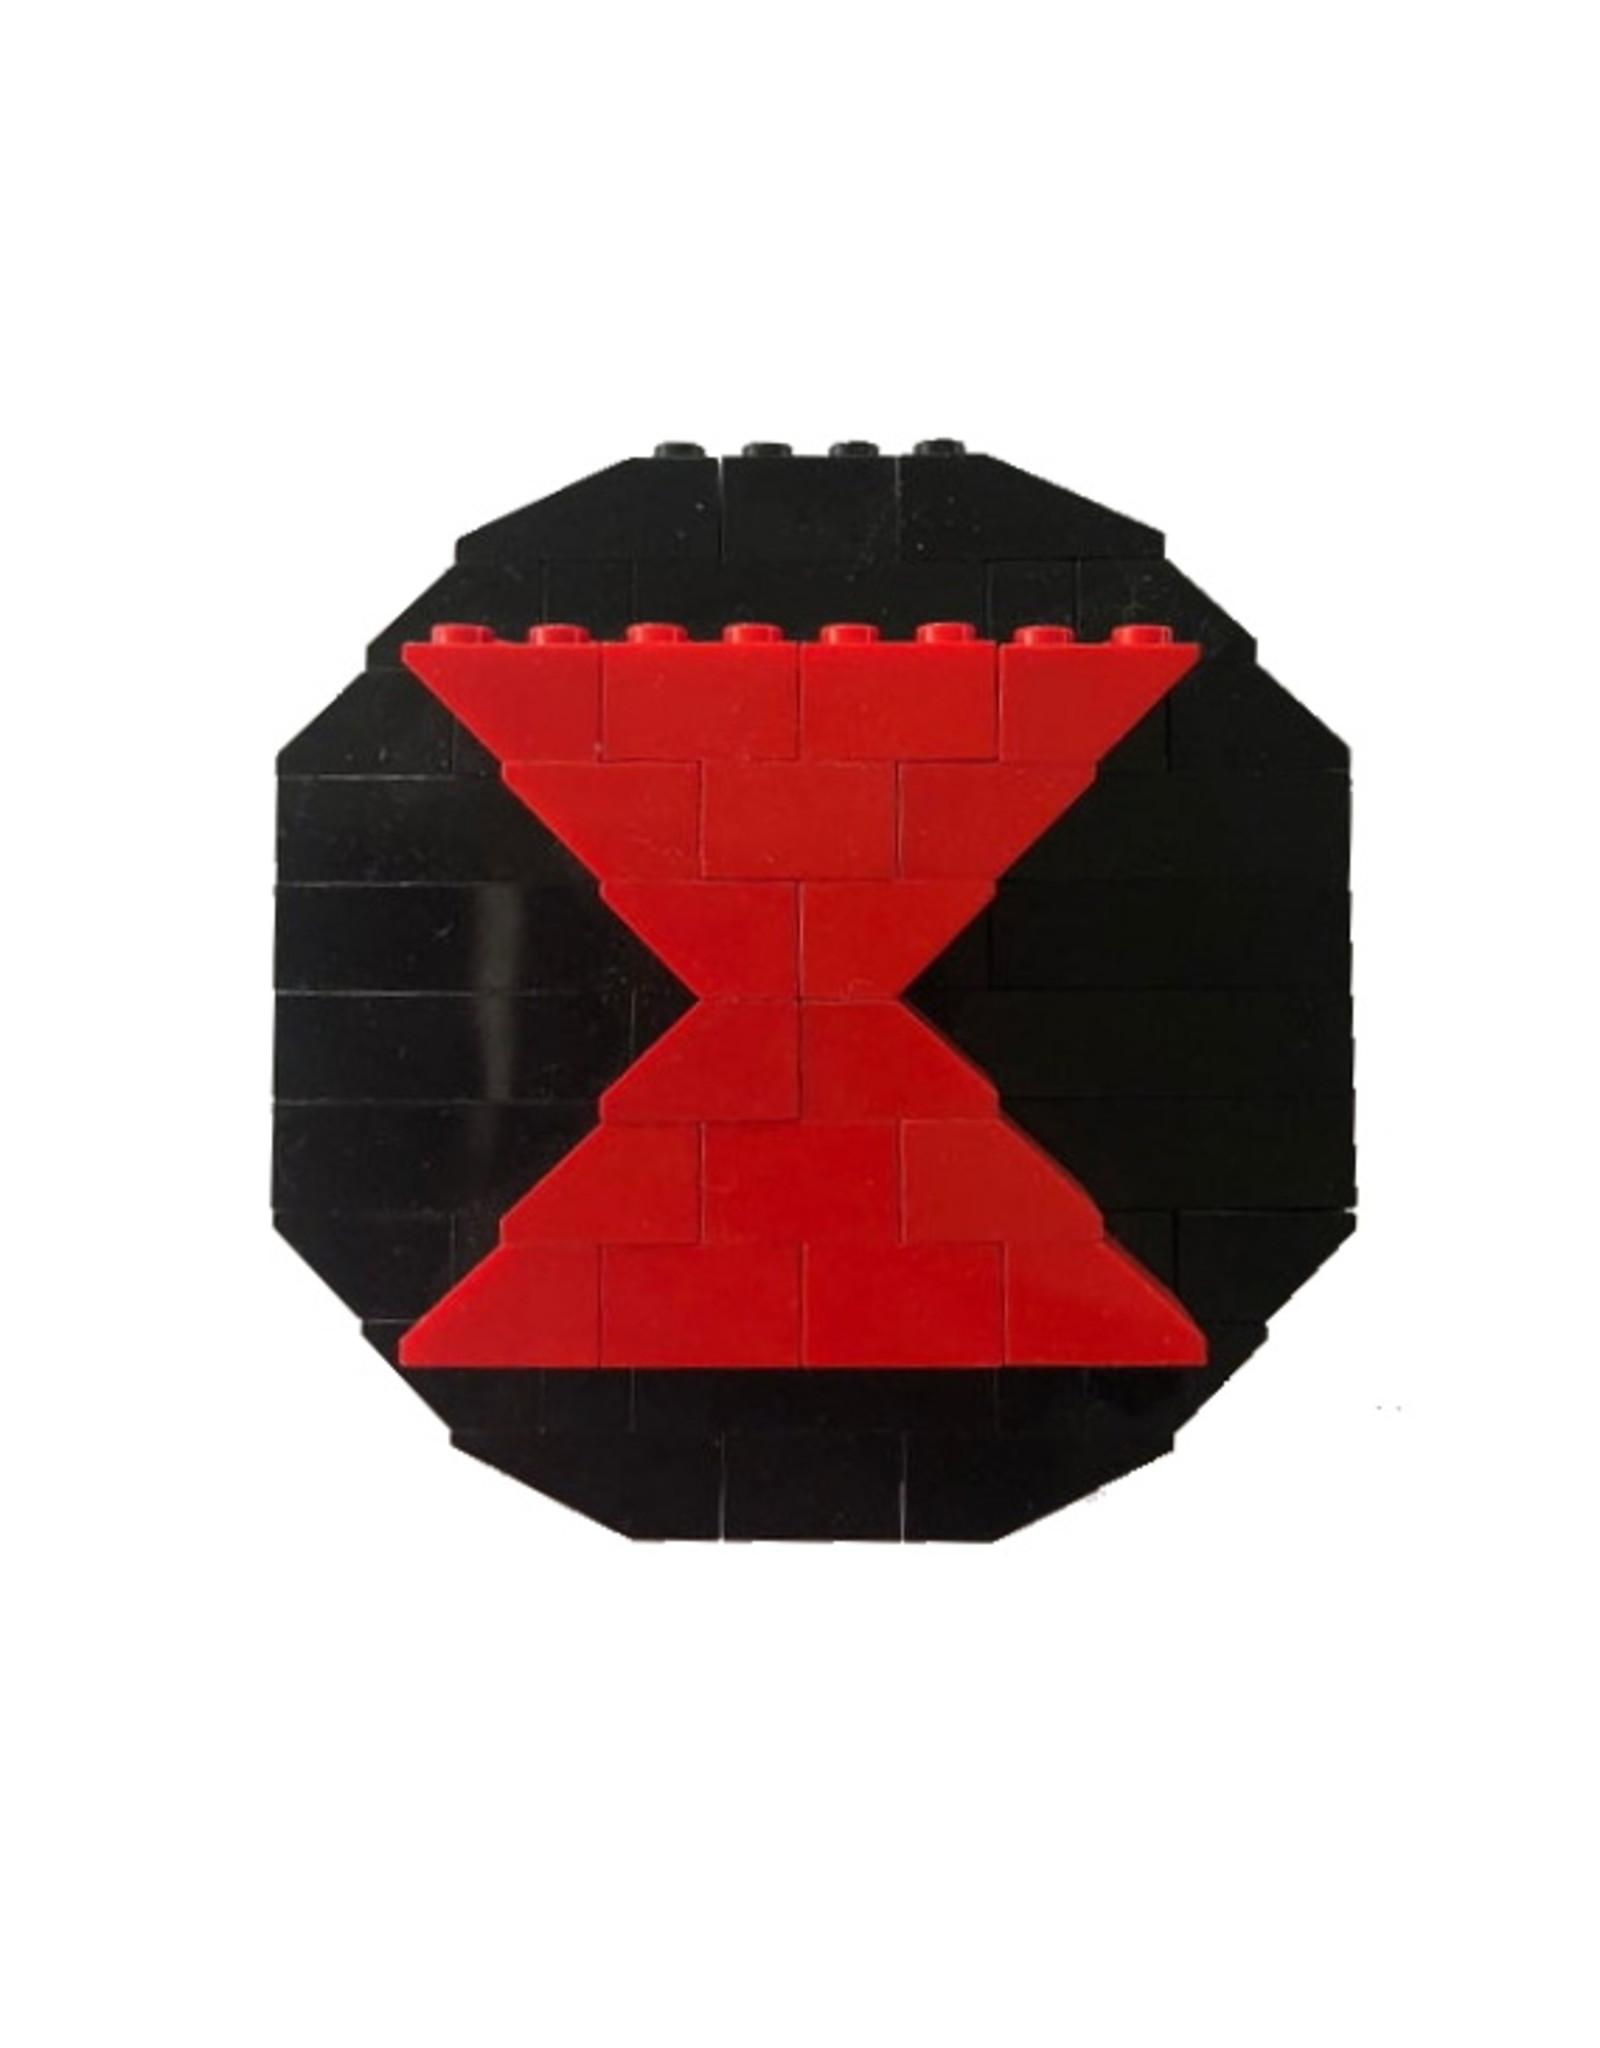 BLACK WIDOW LEGO SET